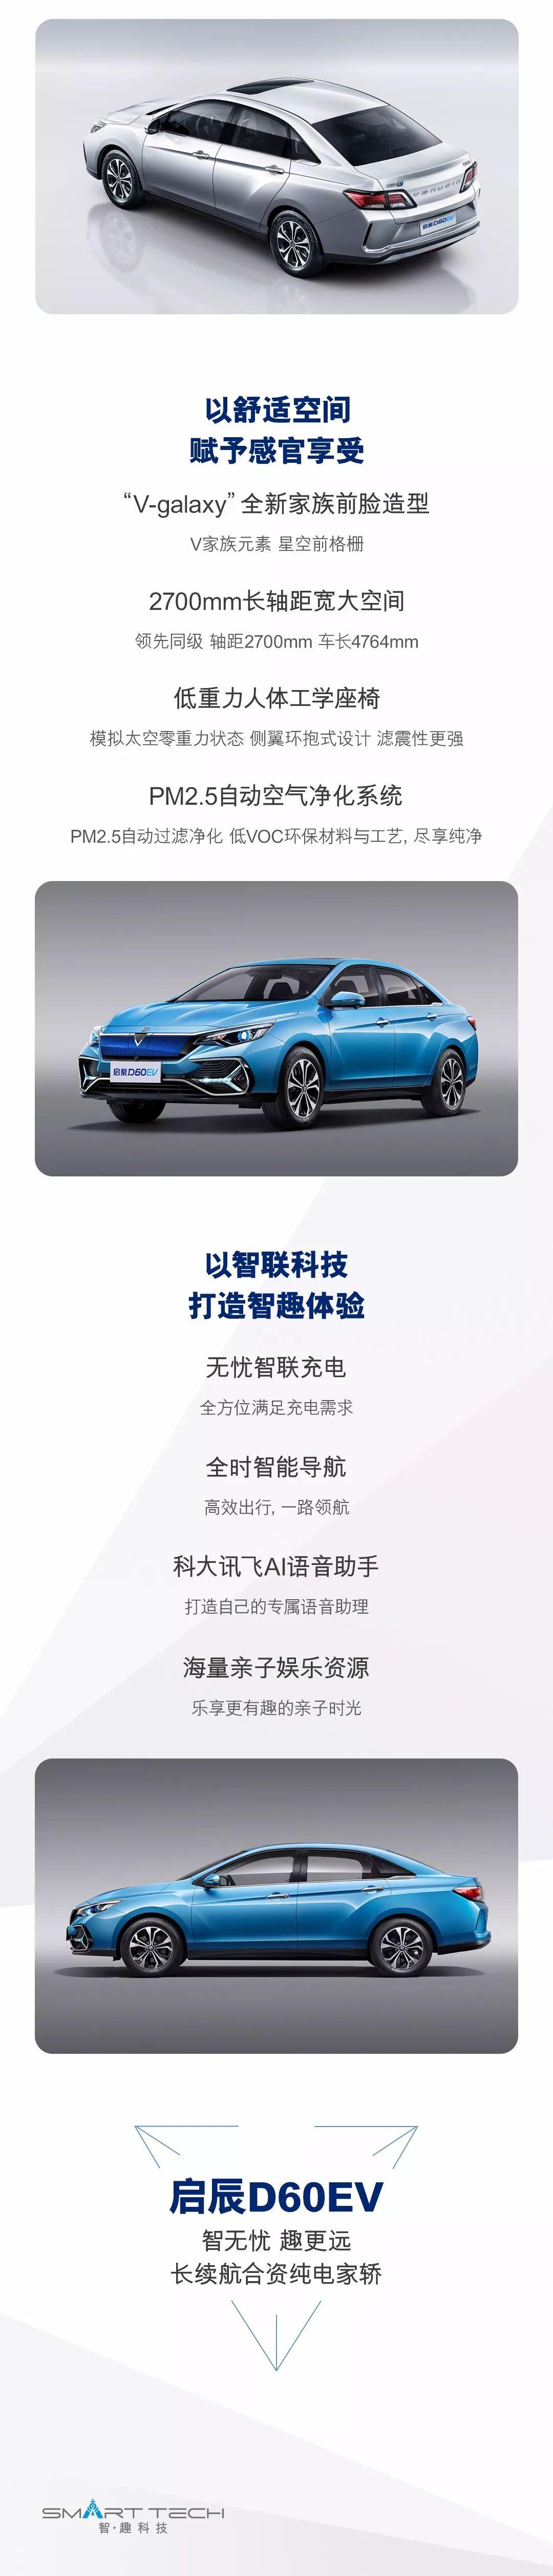 """合资品质强力加持,""""传统造车新势力""""崛起"""